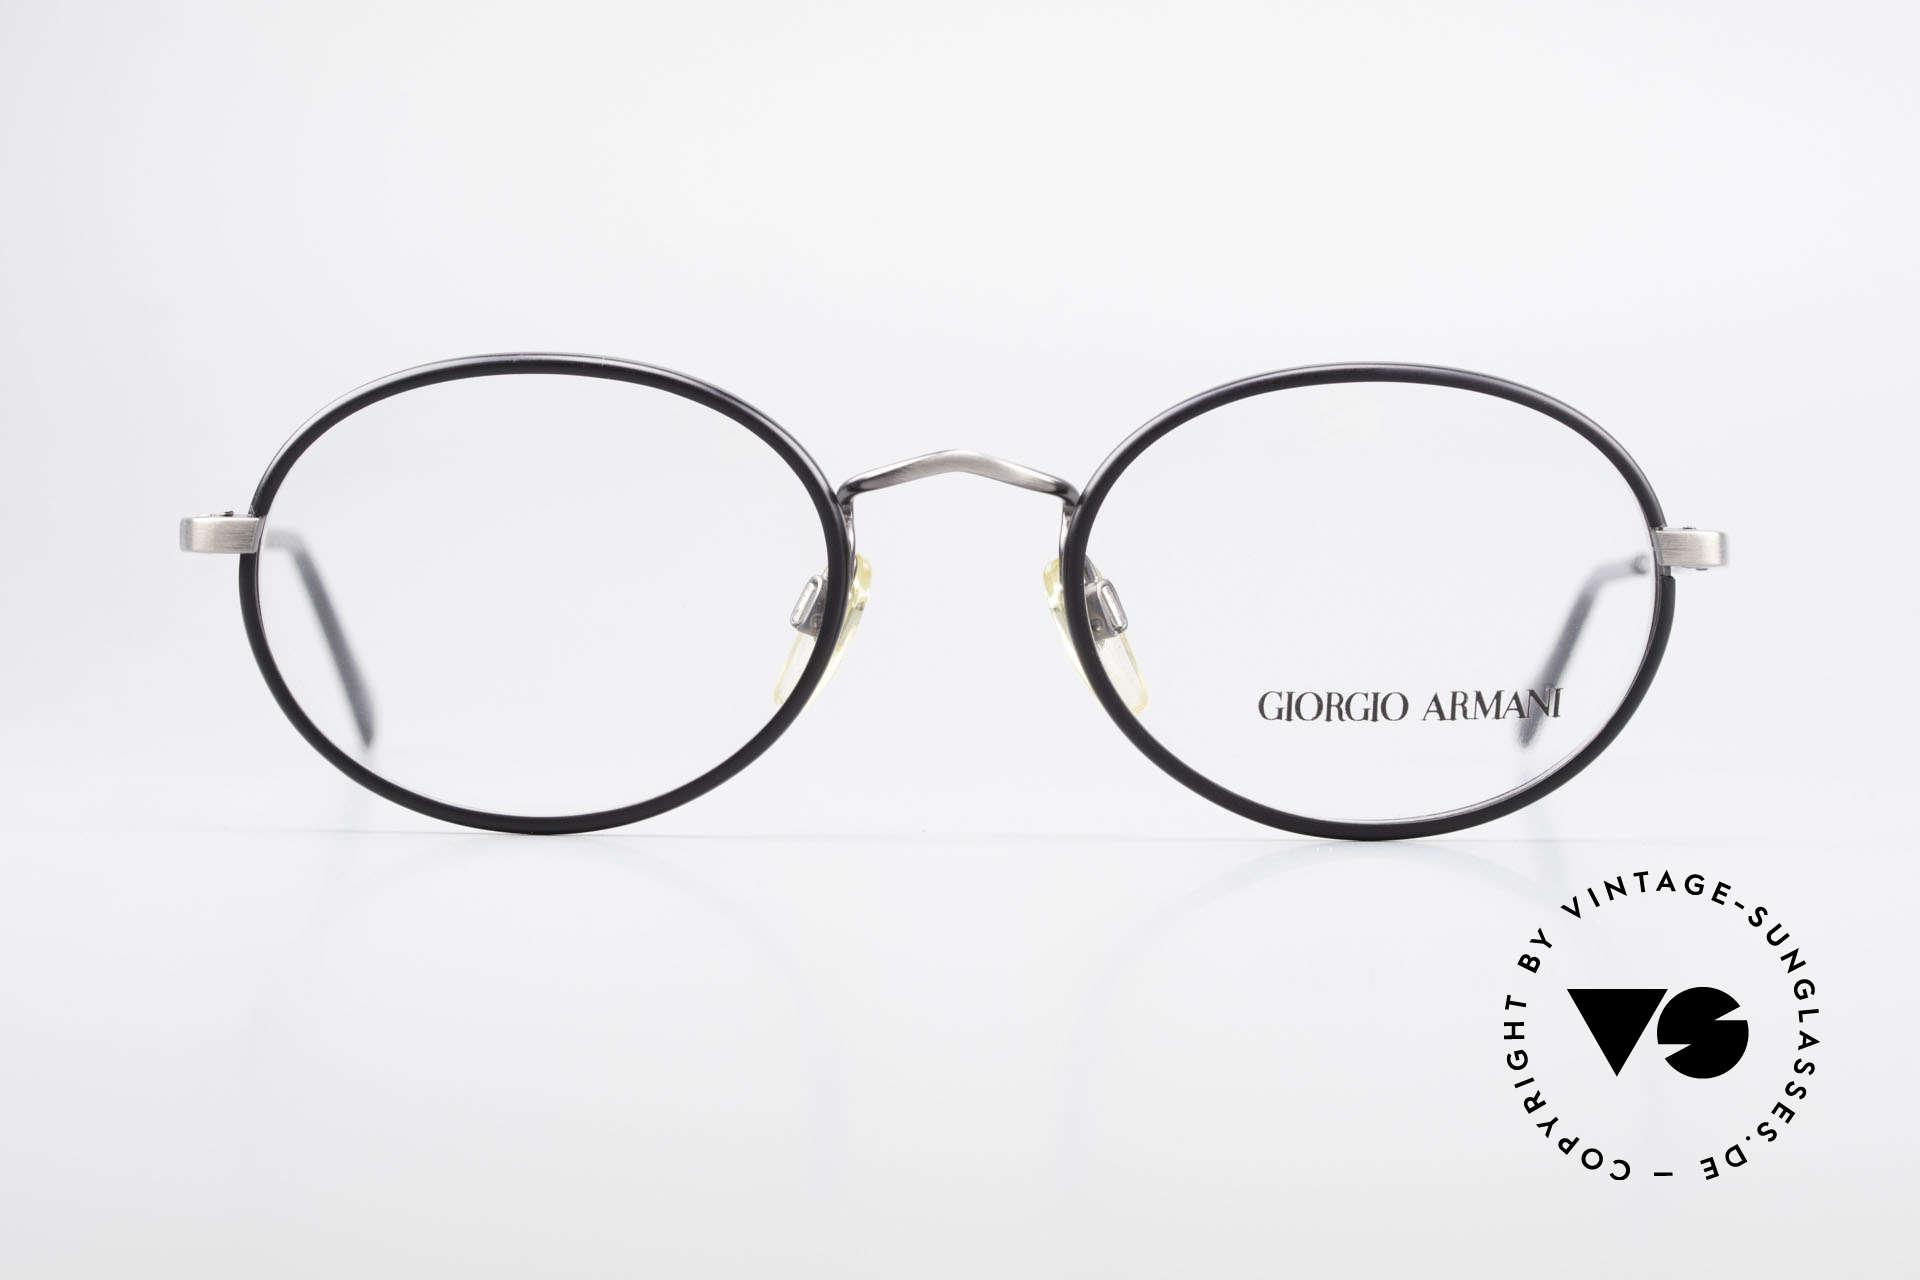 Giorgio Armani 235 Ovale Vintage Brille Unisex, absoluter Klassiker in Farbe und Form; zeitlos elegant, Passend für Herren und Damen